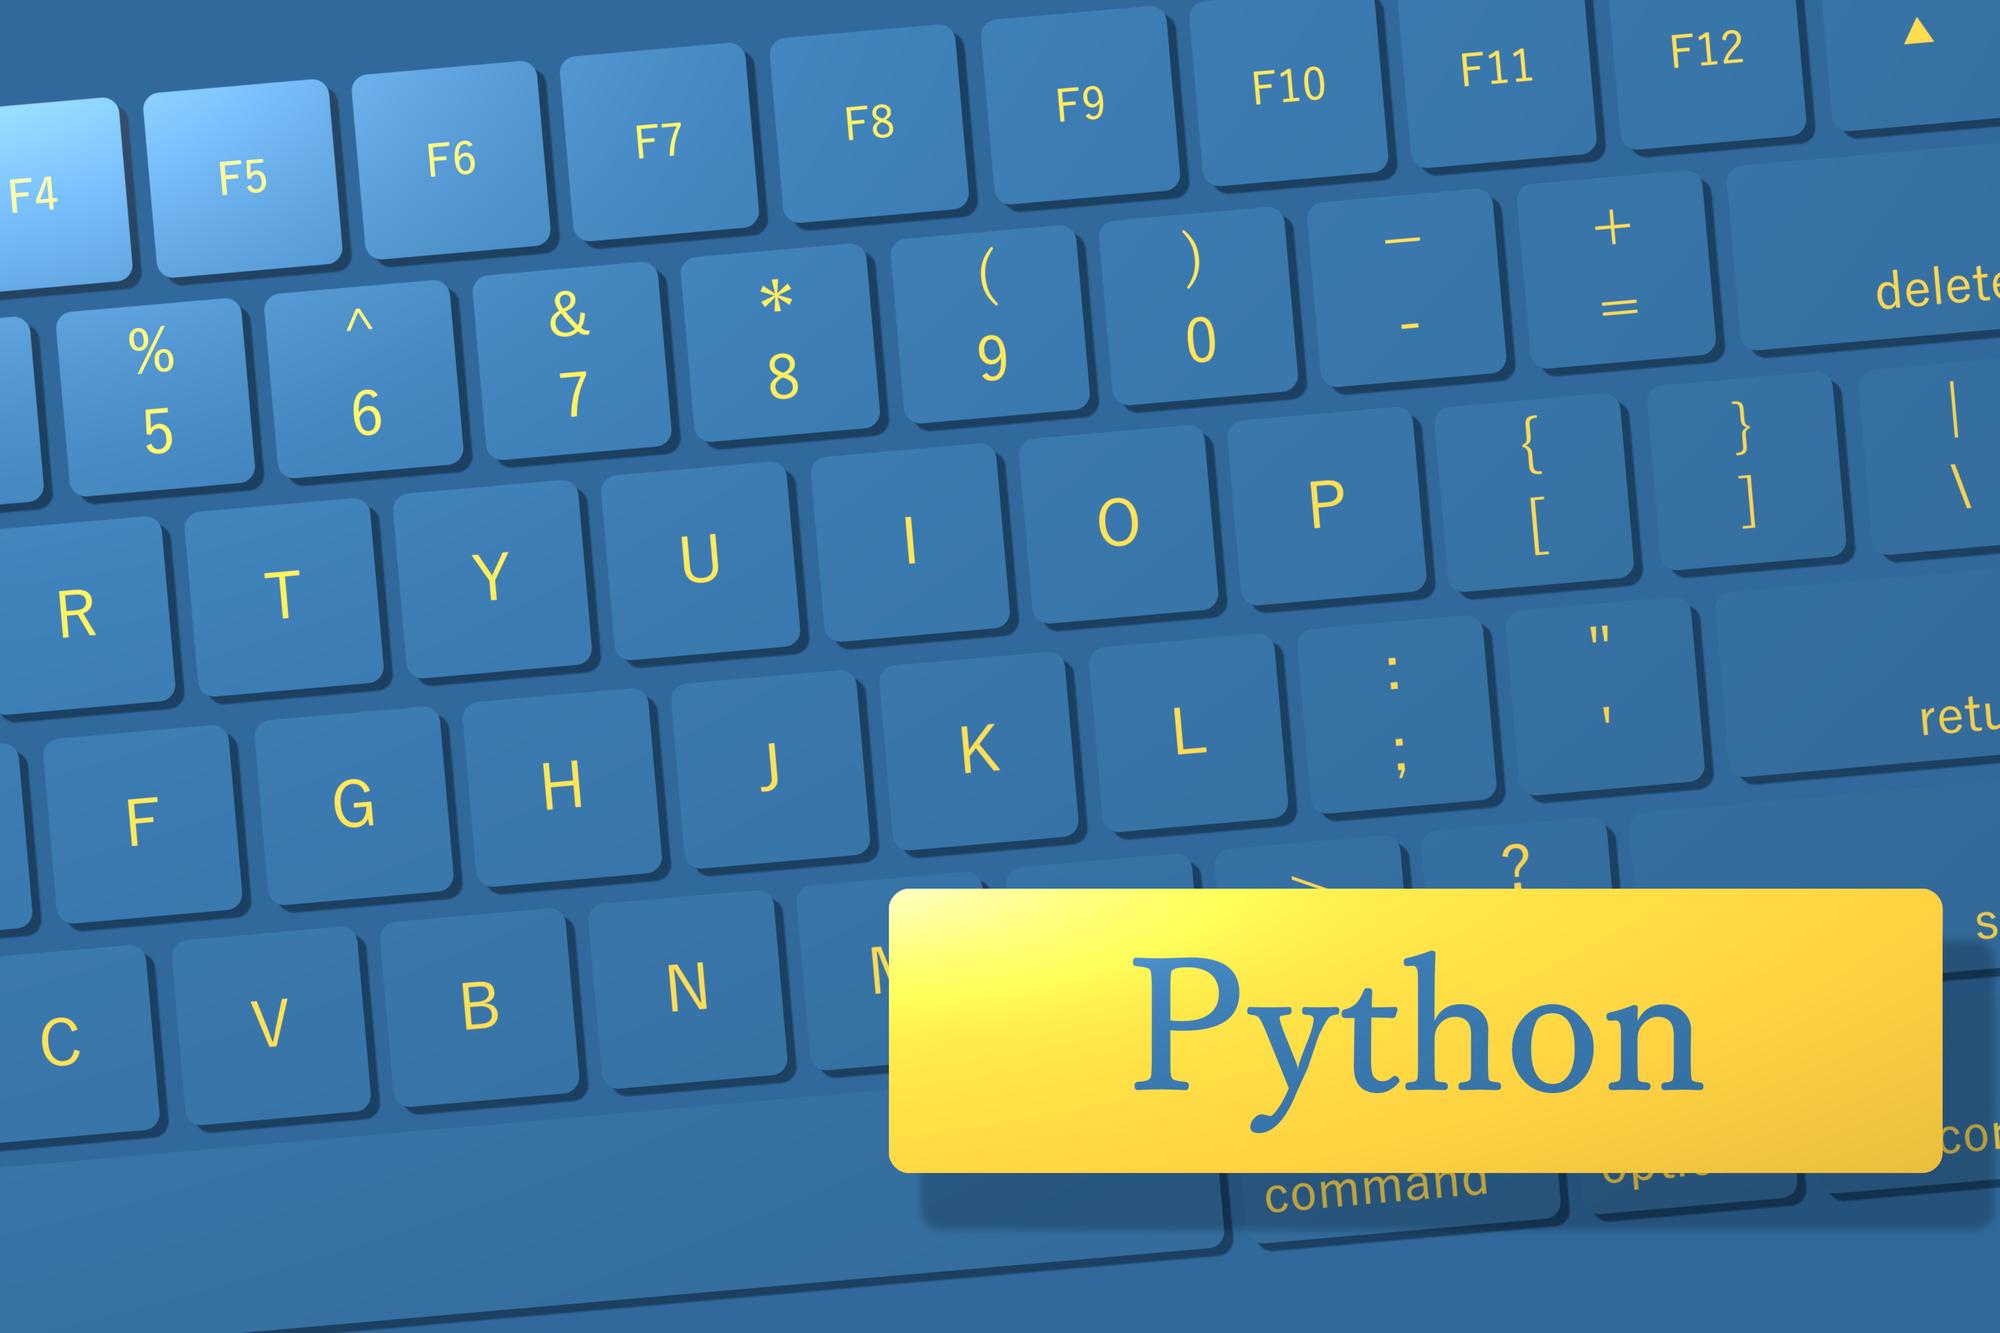 今AWSエンジニアの求人でPythonのスキルが必要とされる理由のアイキャッチイメージ